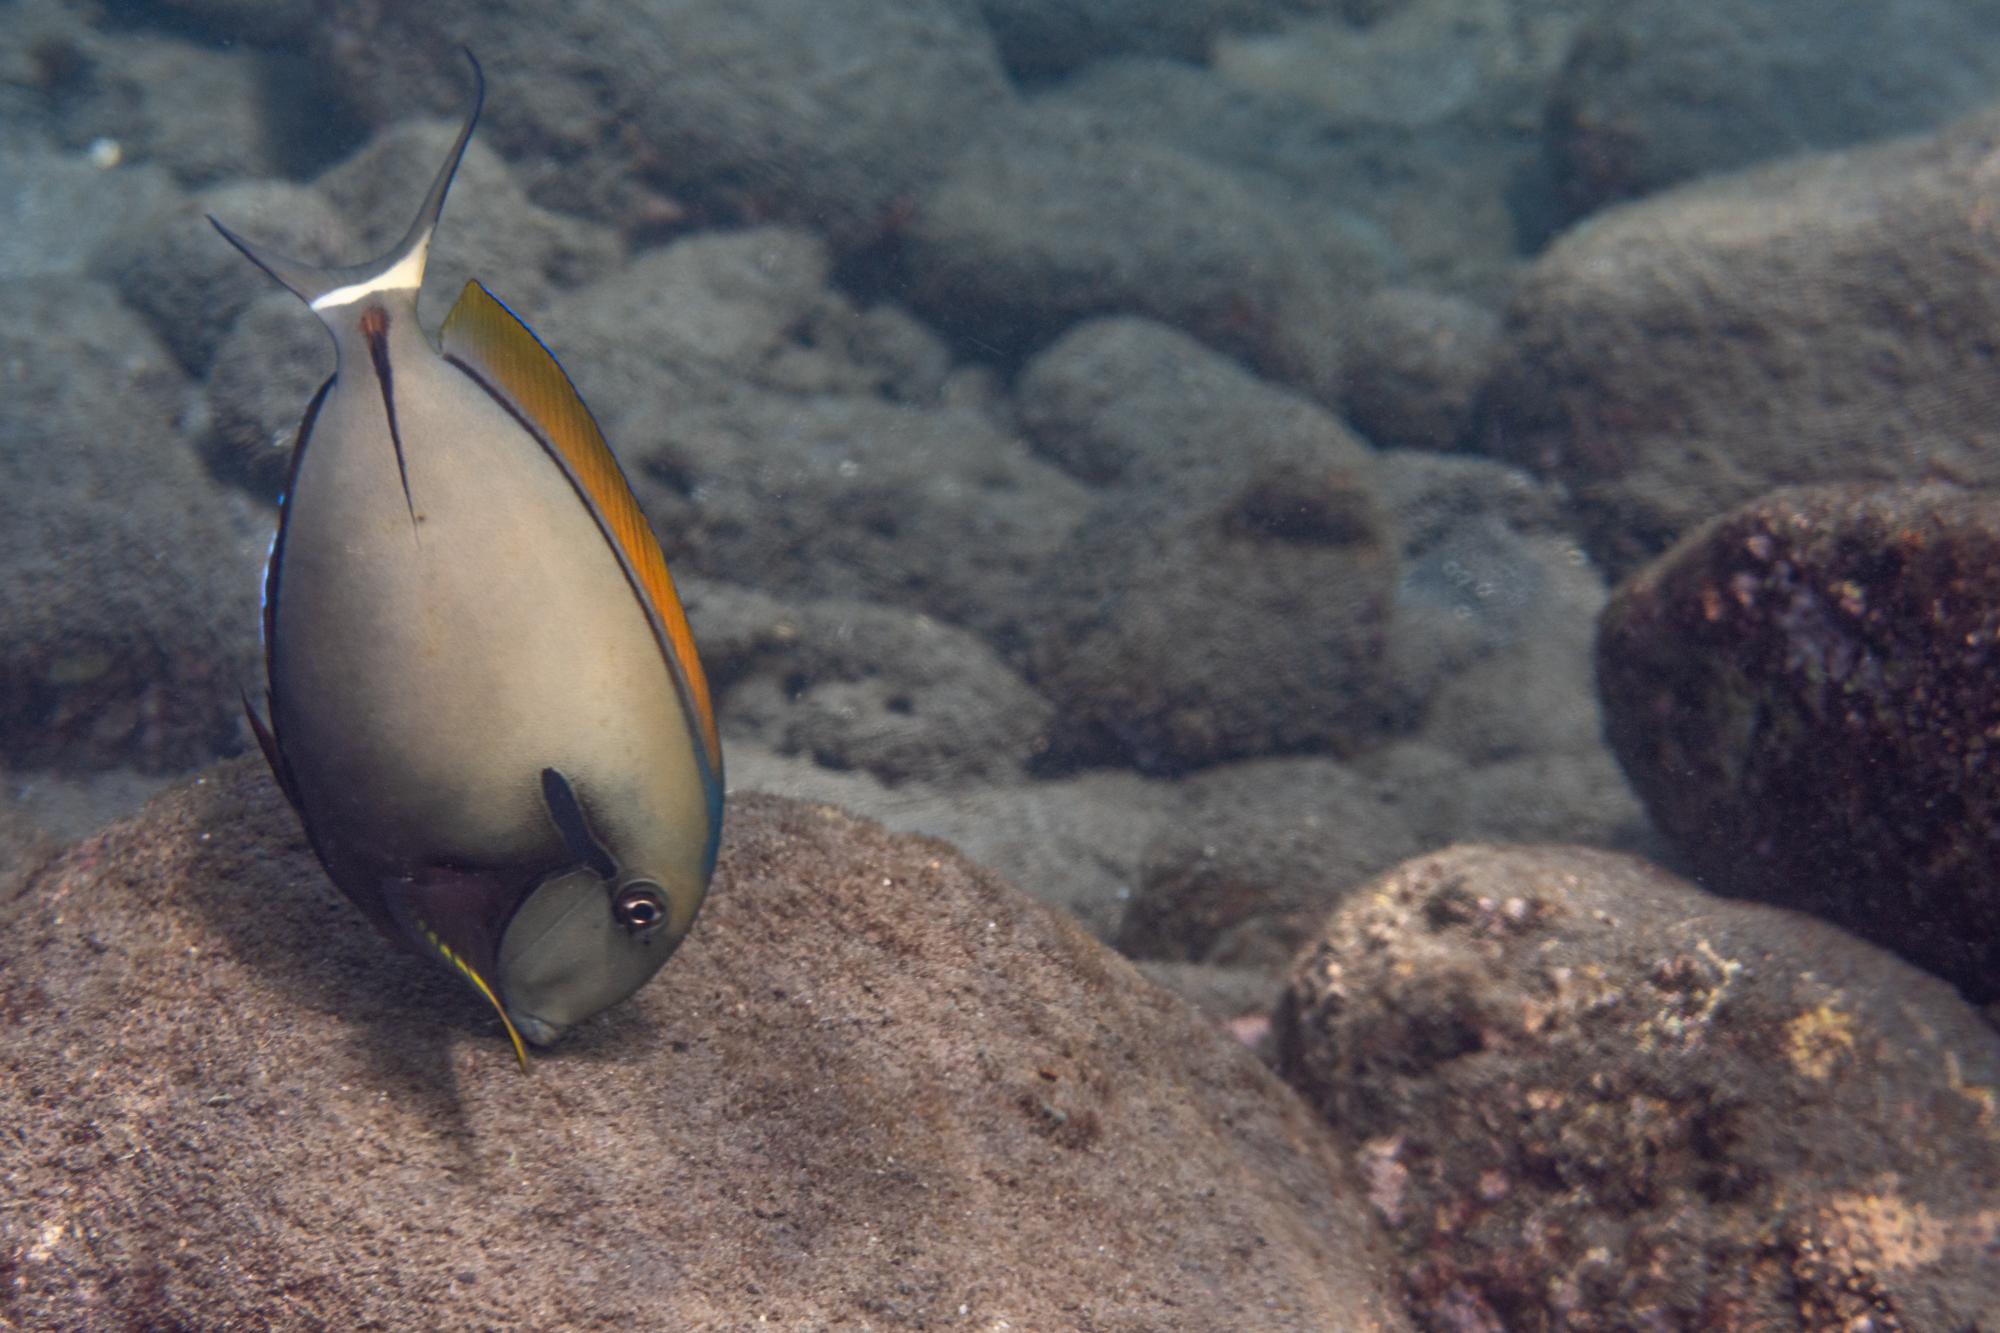 Achselkappen-Doktorfisch - Acanthurus nigricauda Duncker & Mohr, 1929